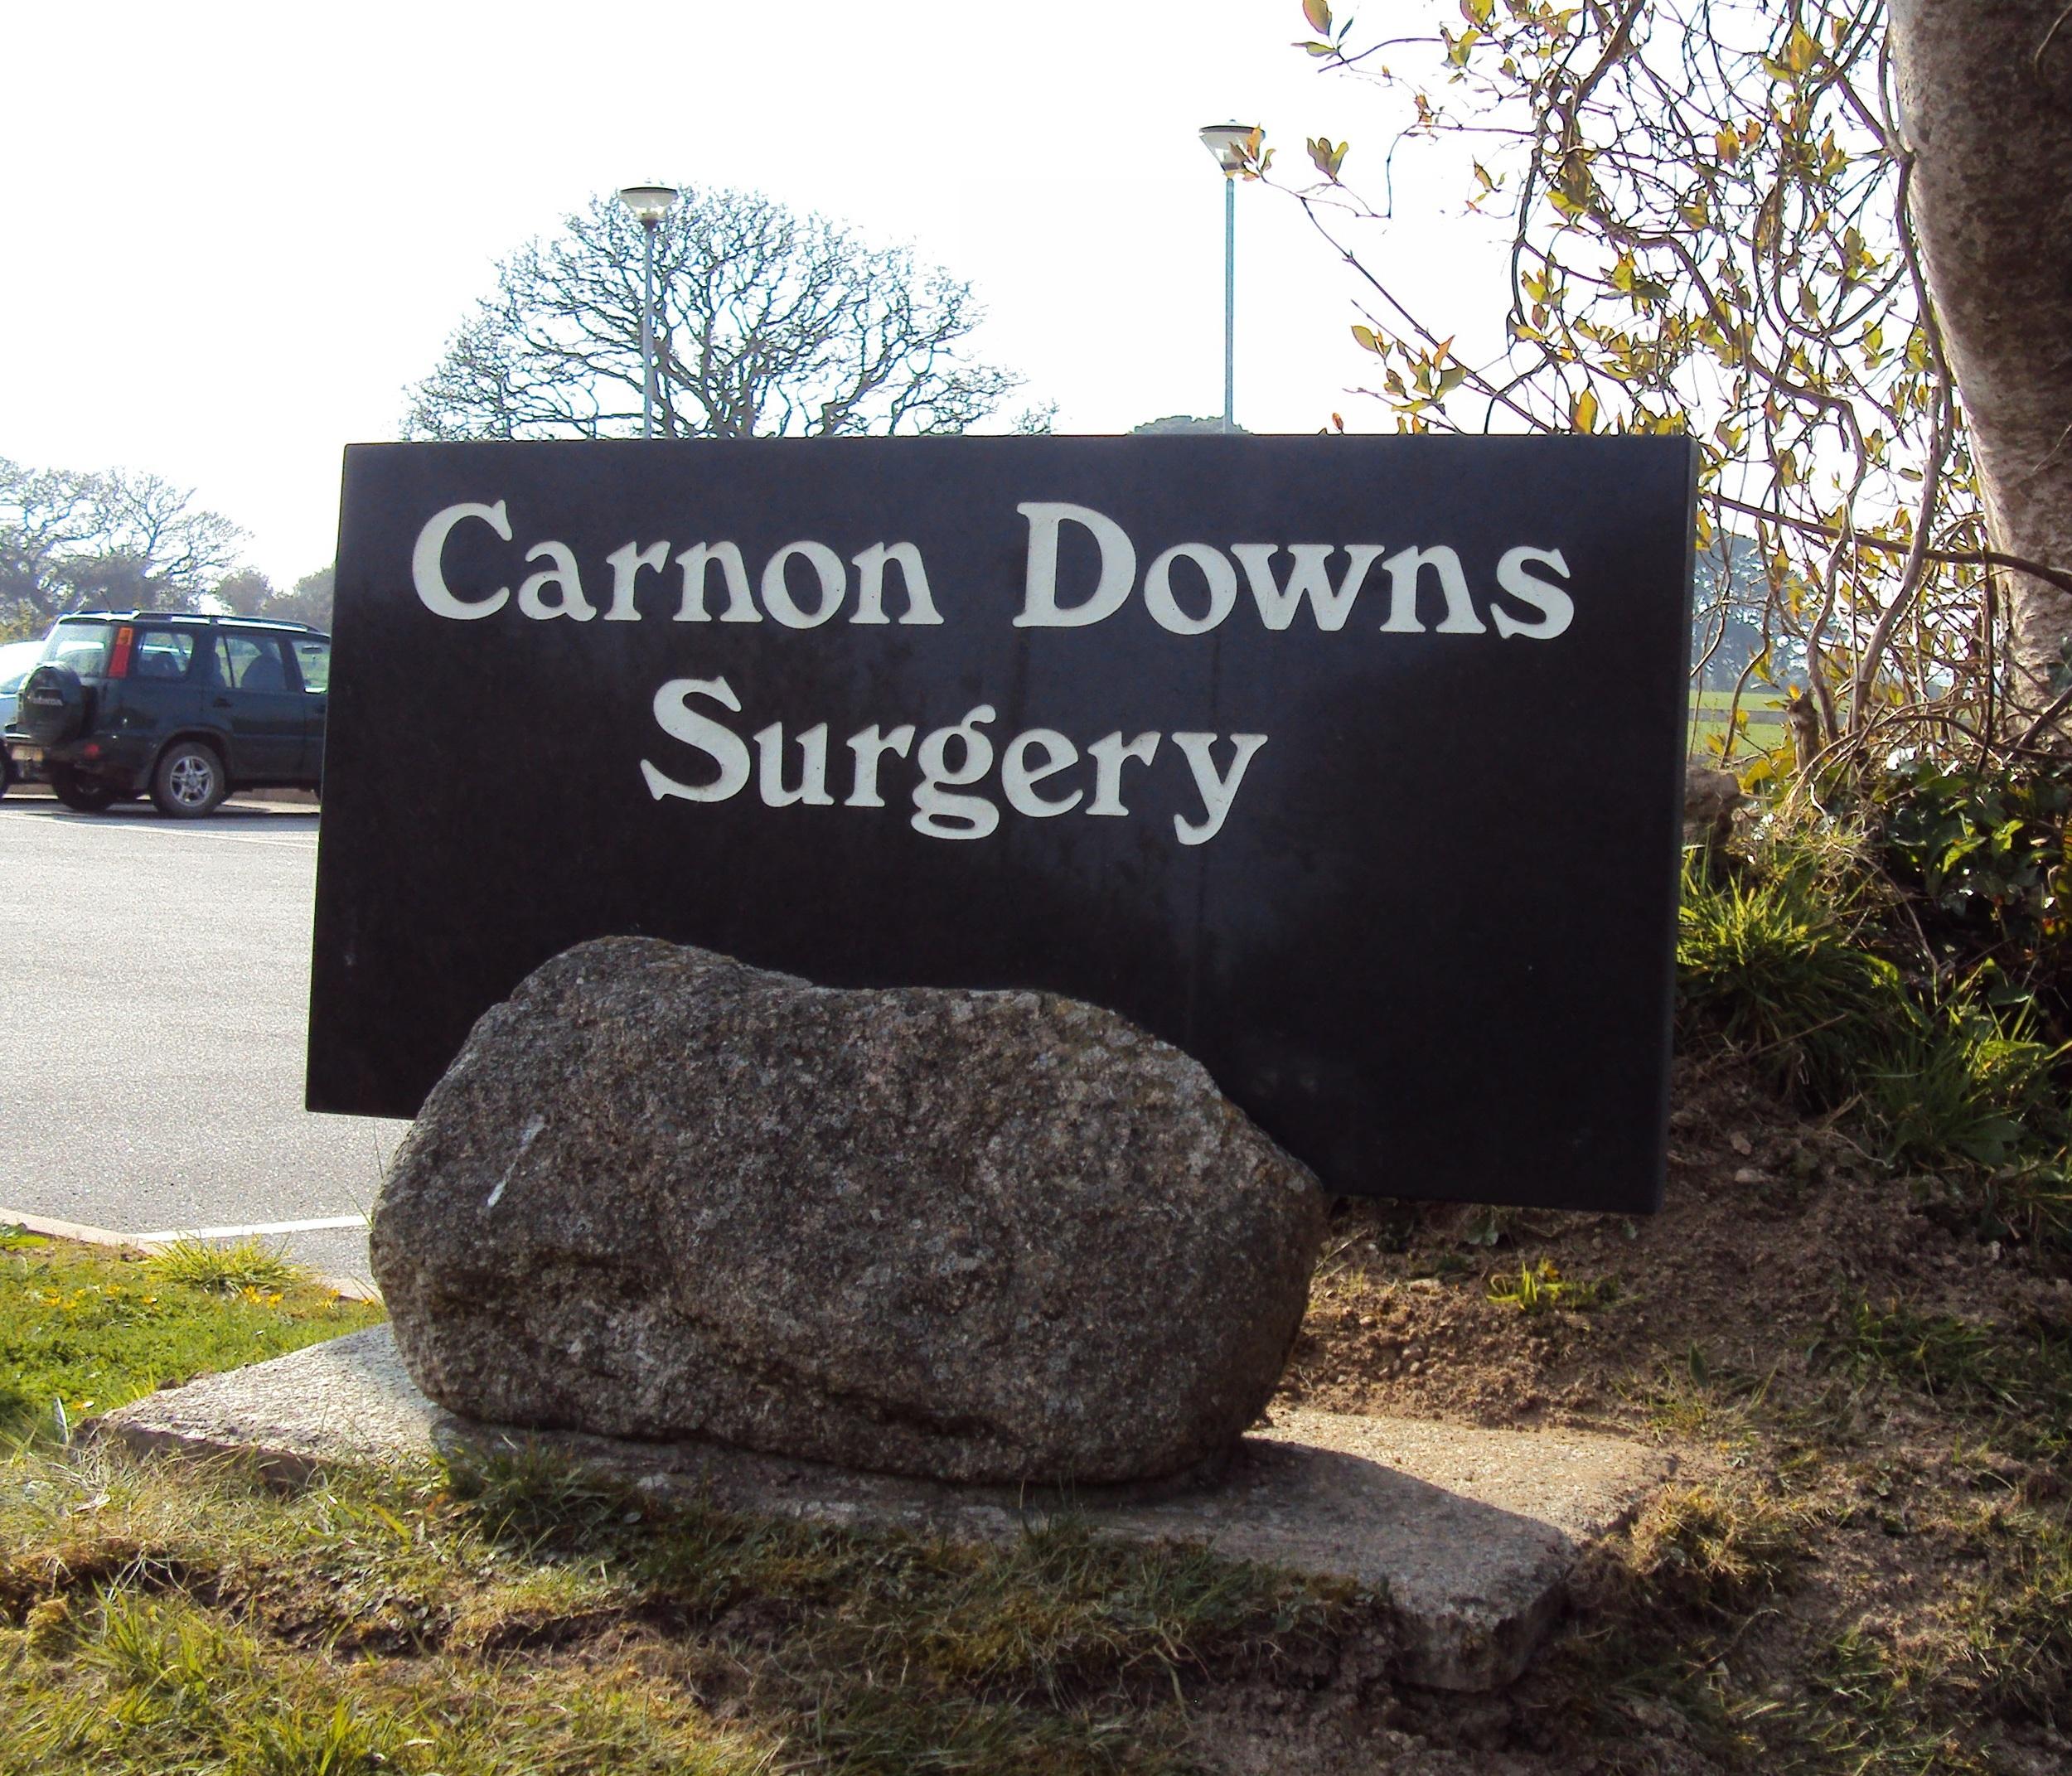 Carnon Downs Surgery